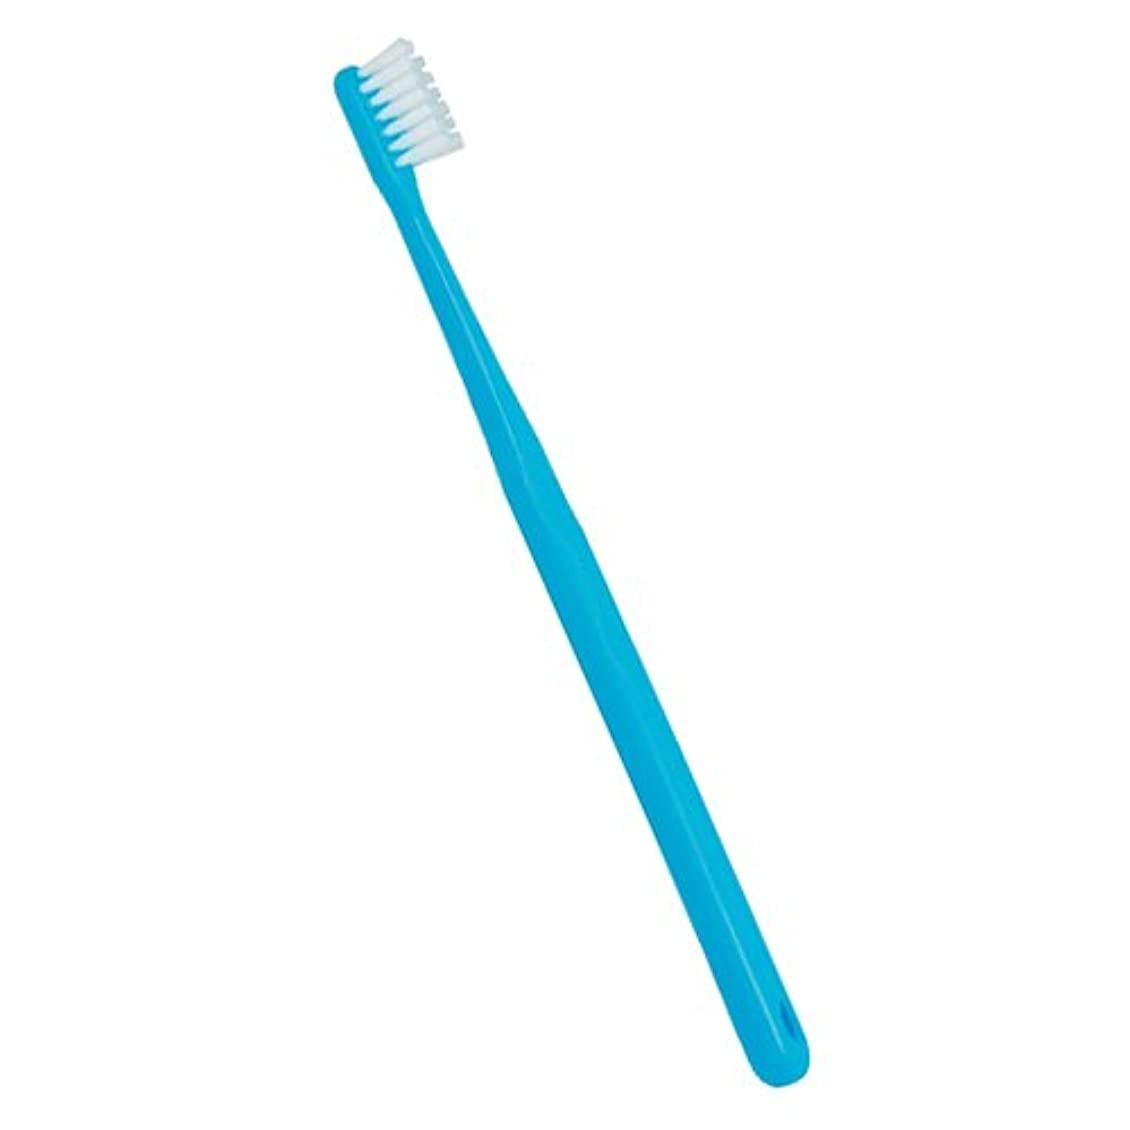 事件、出来事摘むエレガントCiメディカル 歯ブラシ Ci702(フラットタイプ) 1本(M ふつう(ブルー))